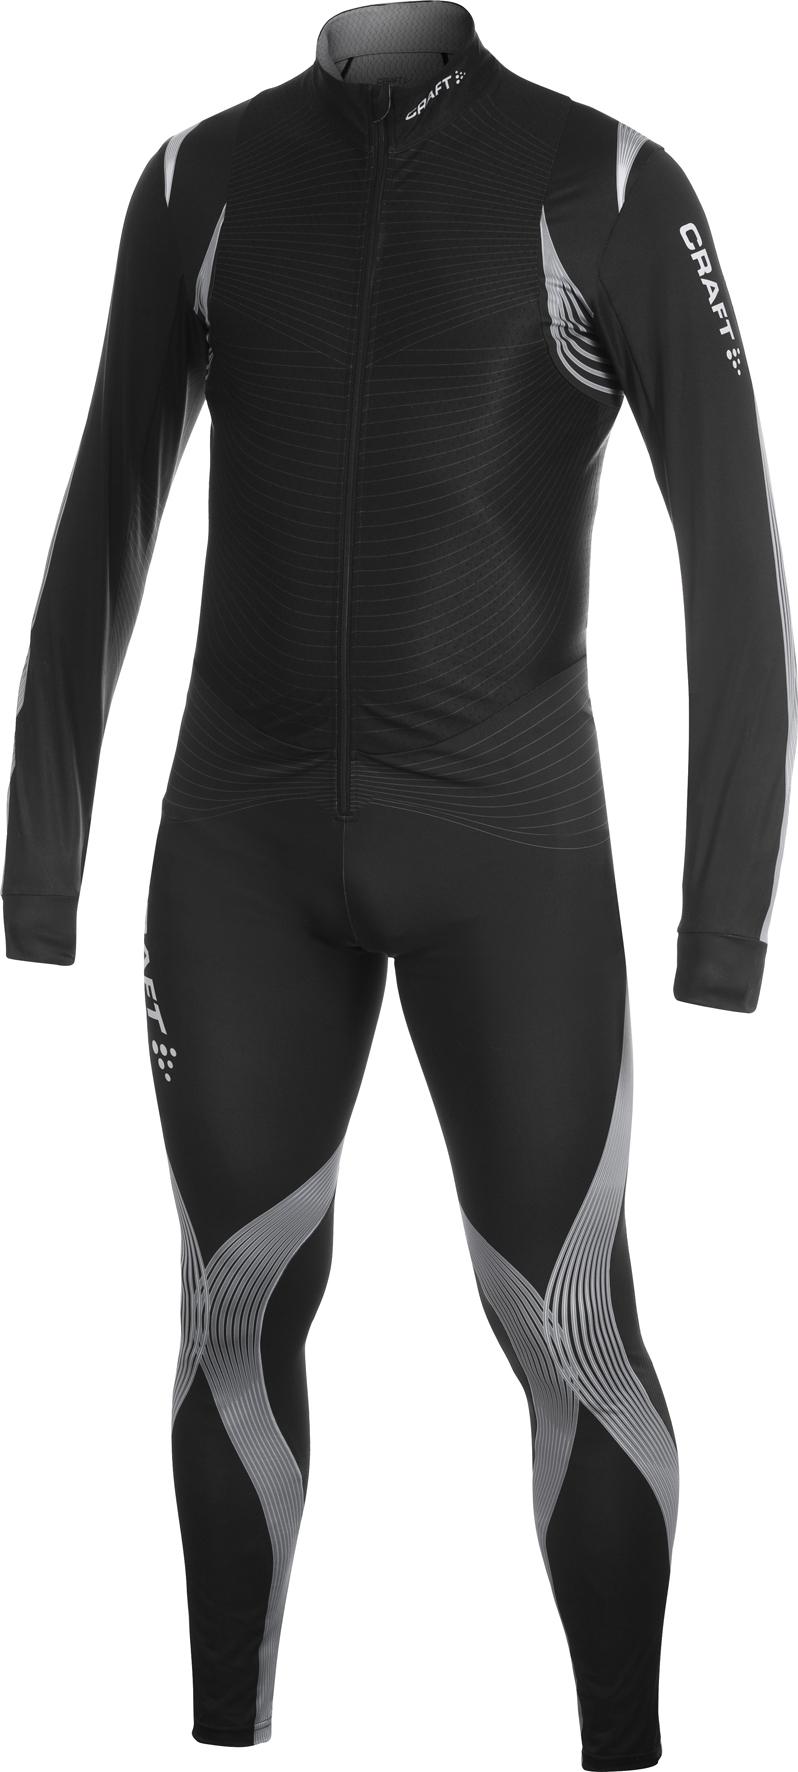 Мужской слитный лыжный гоночный комбинезон Craft Elite XC Suit  (1900982-9920) черный